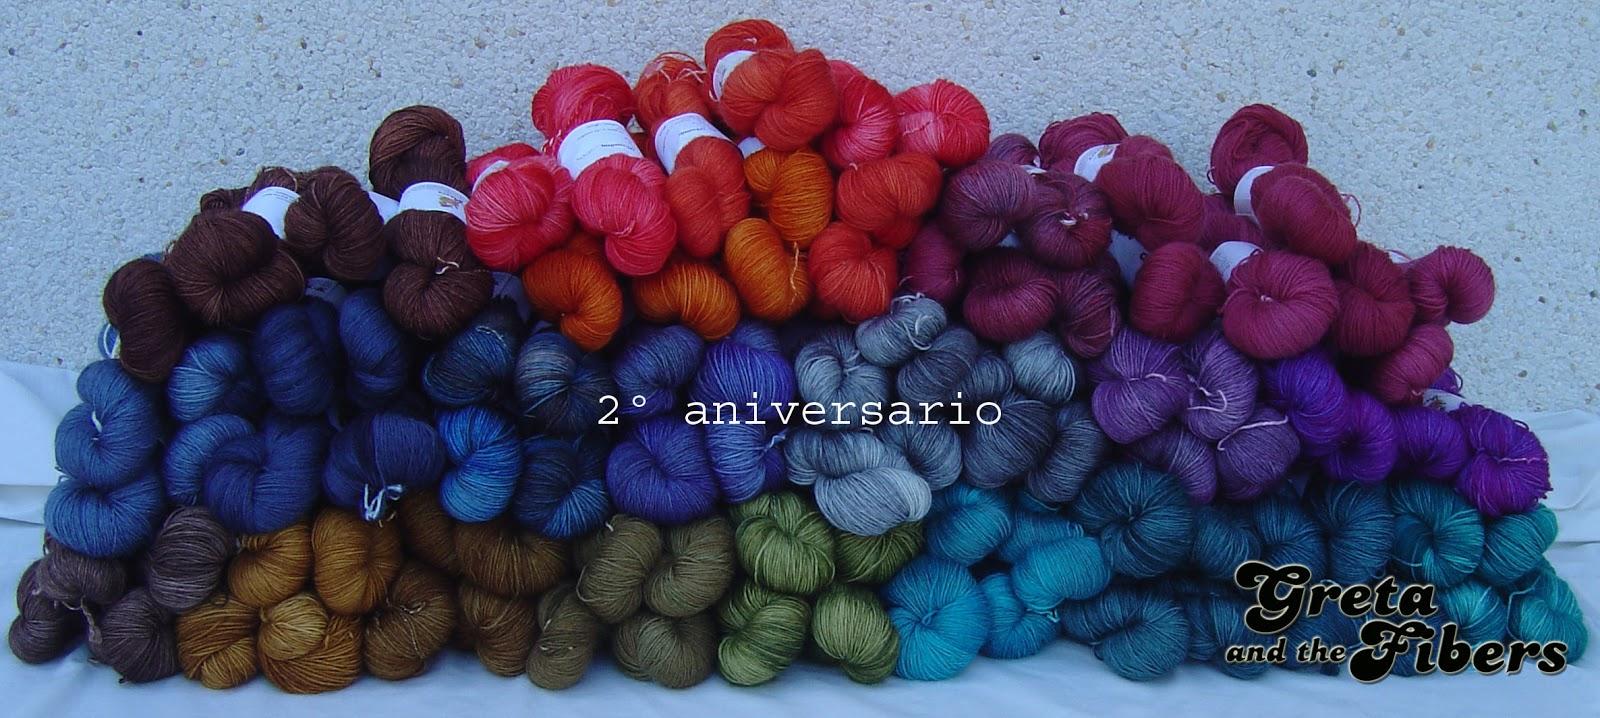 https://i1.wp.com/3.bp.blogspot.com/-2gDoLZ5zVNA/ULy5_xh4veI/AAAAAAAACCU/uneUPJfMpxA/s1600/socks+premiumma+aniversario.jpg